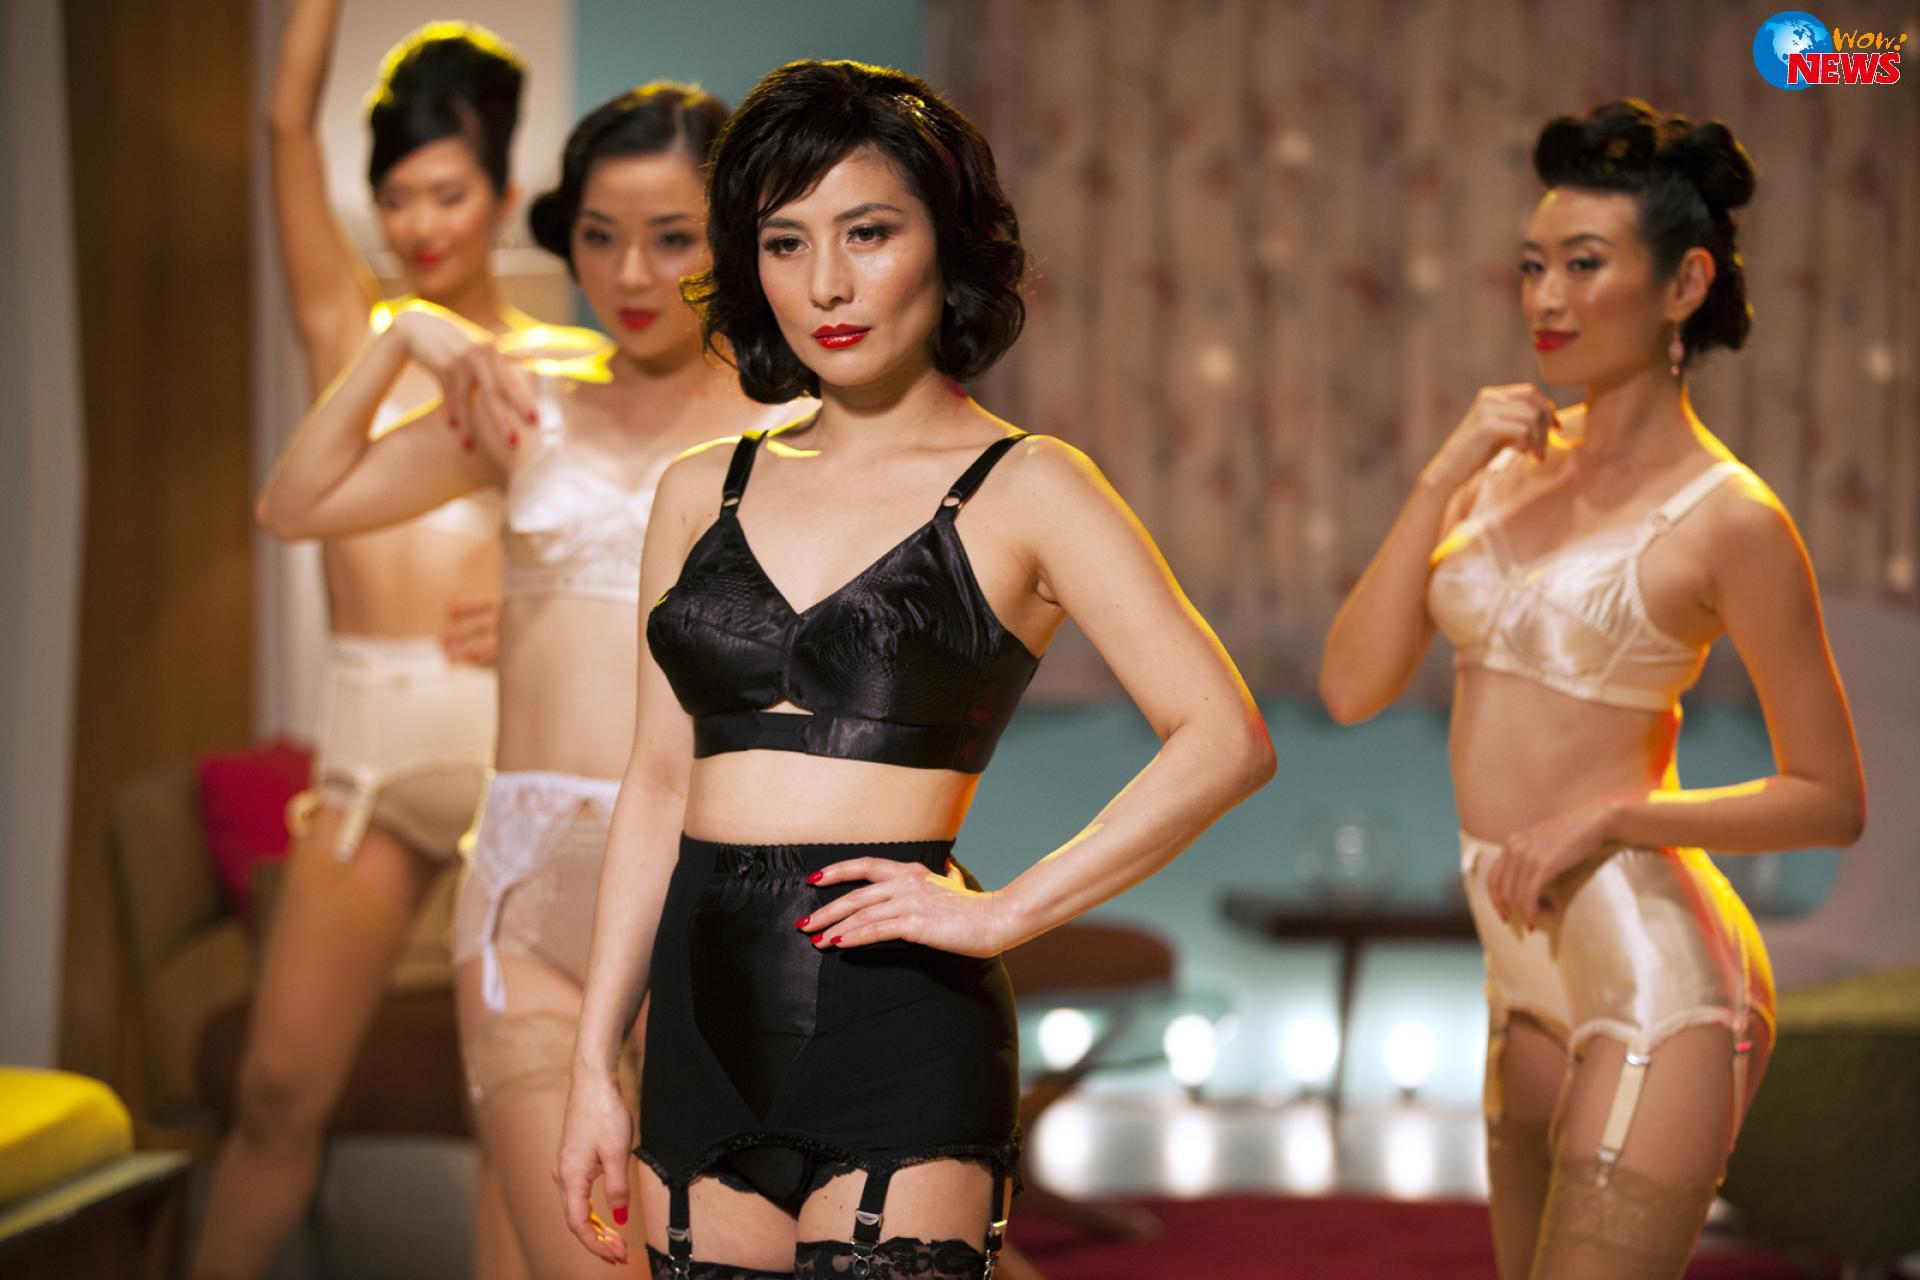 无限春光27 挑战新加坡电影尺度 何超仪以图片